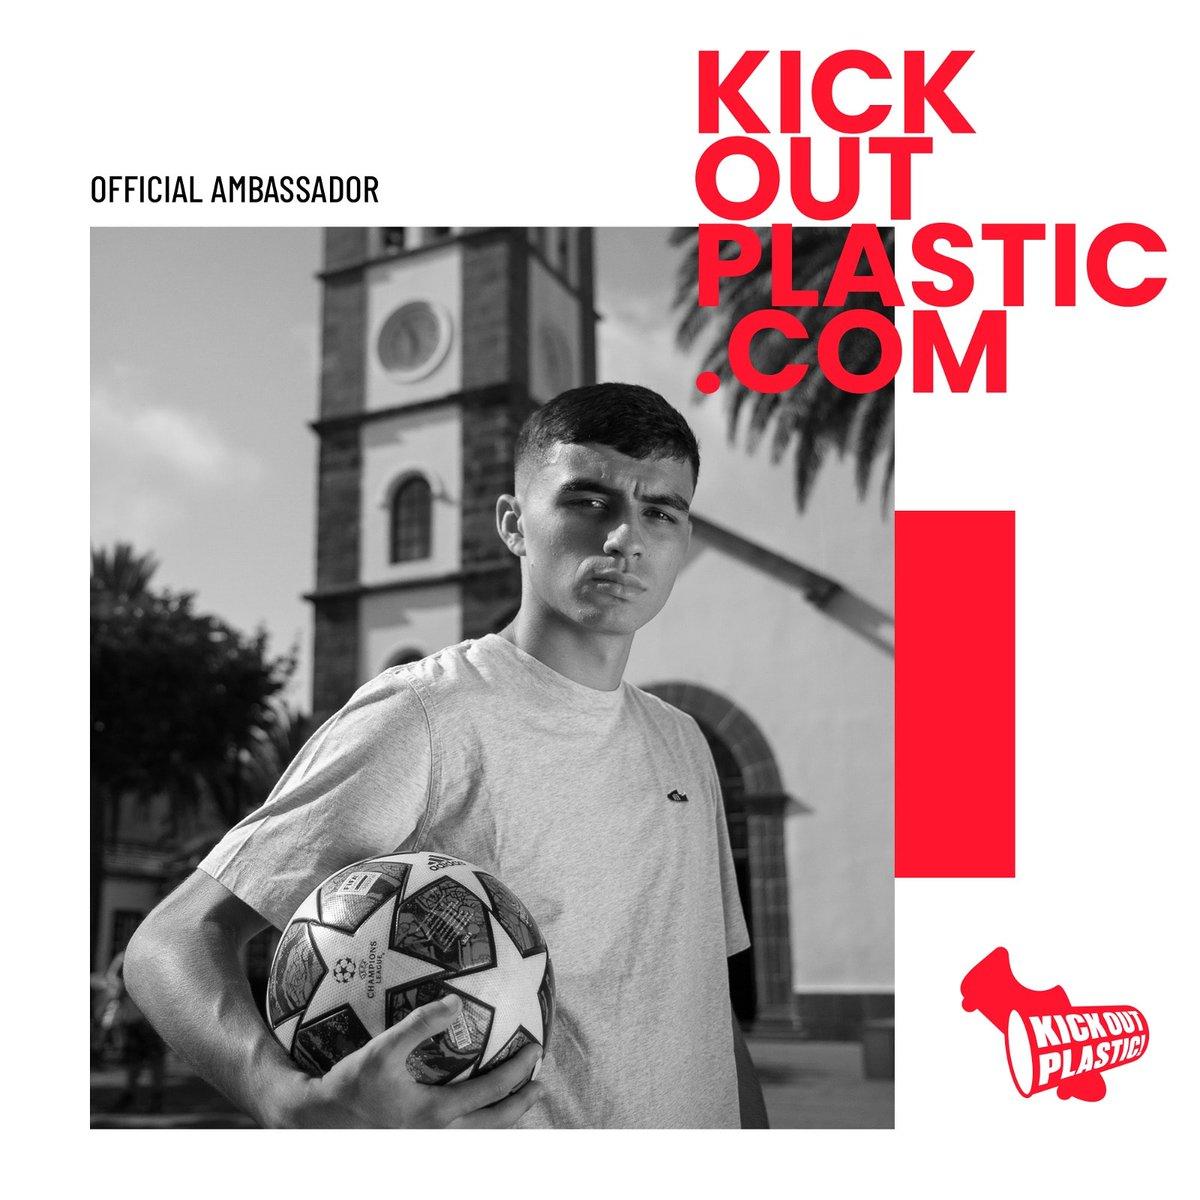 Os presento el proyecto en favor de la sostenibilidad del que formo parte 🤗  El partido ya ha empezado  #KickOutPlastic @KickOutPlastic1